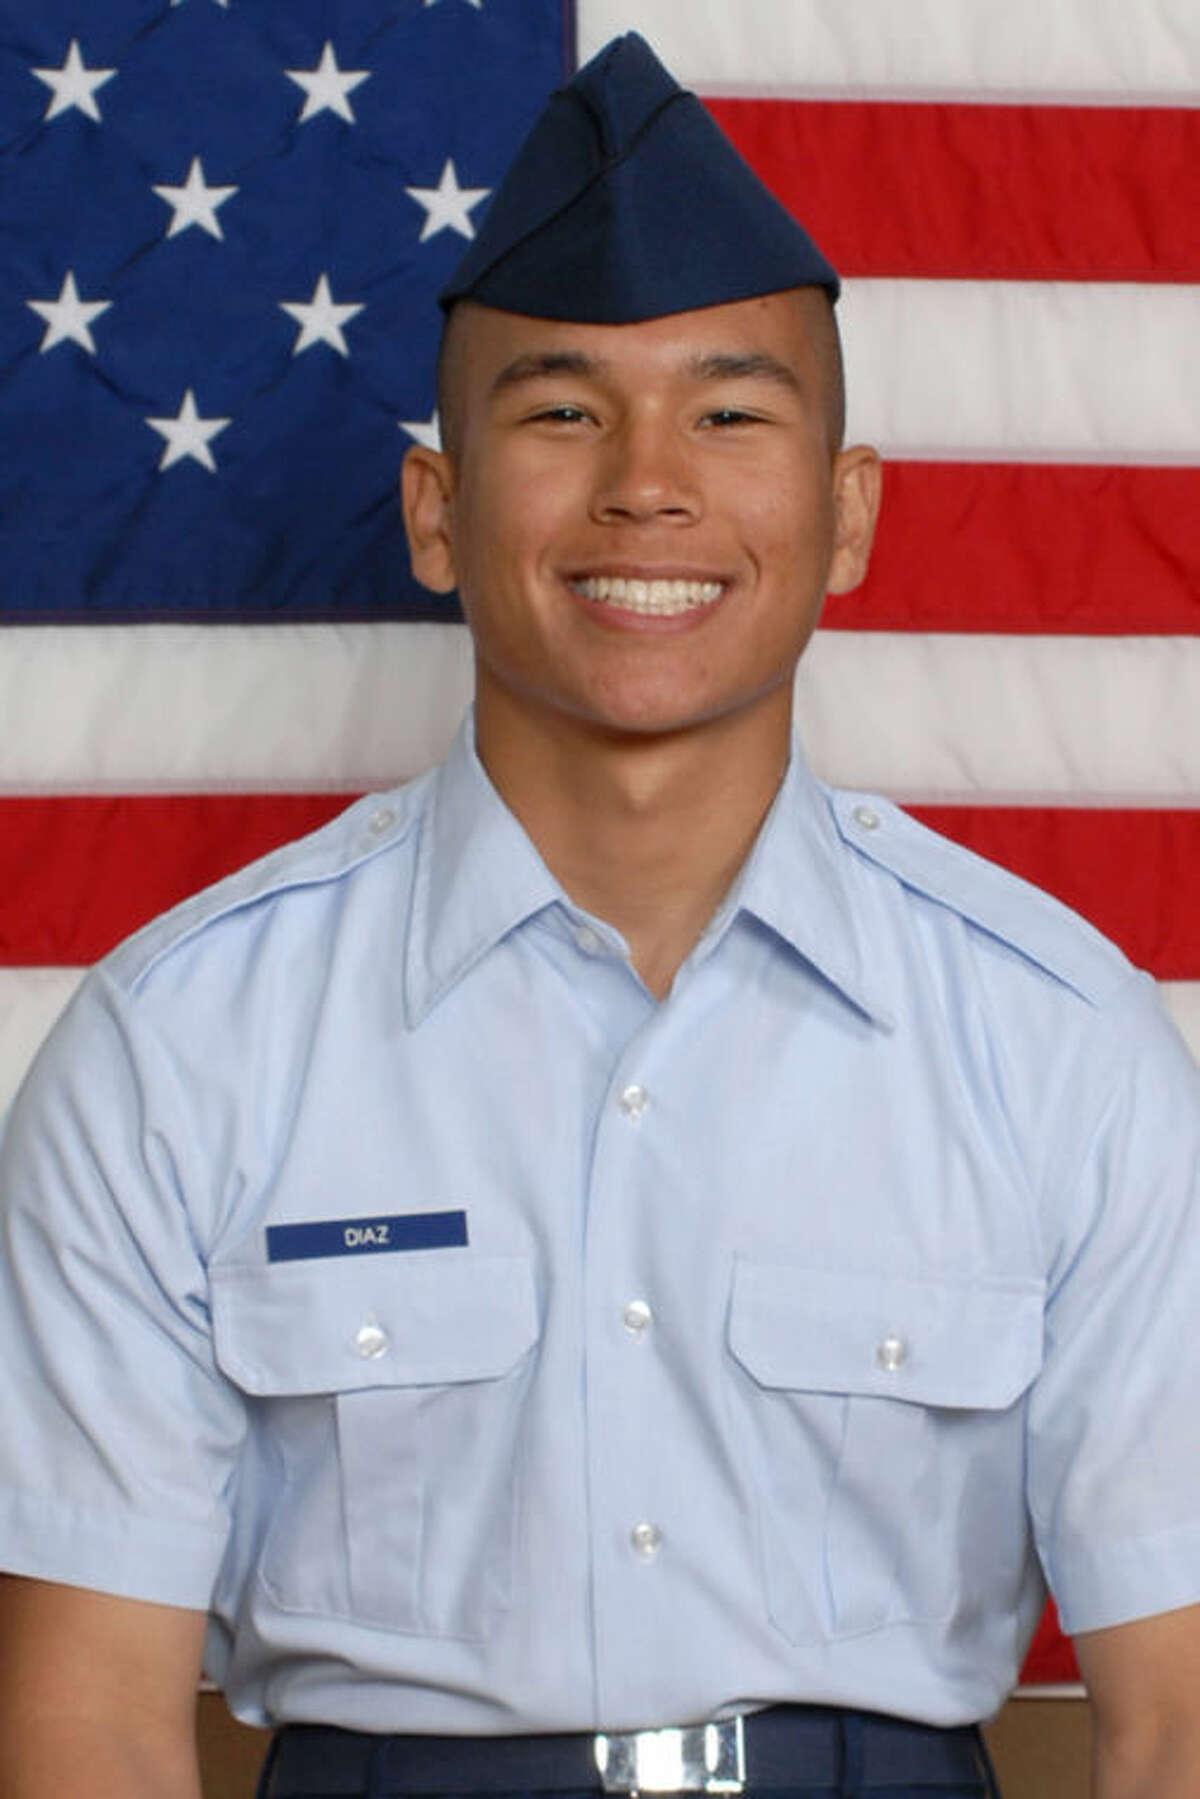 Air Force Airman Daniel Diaz